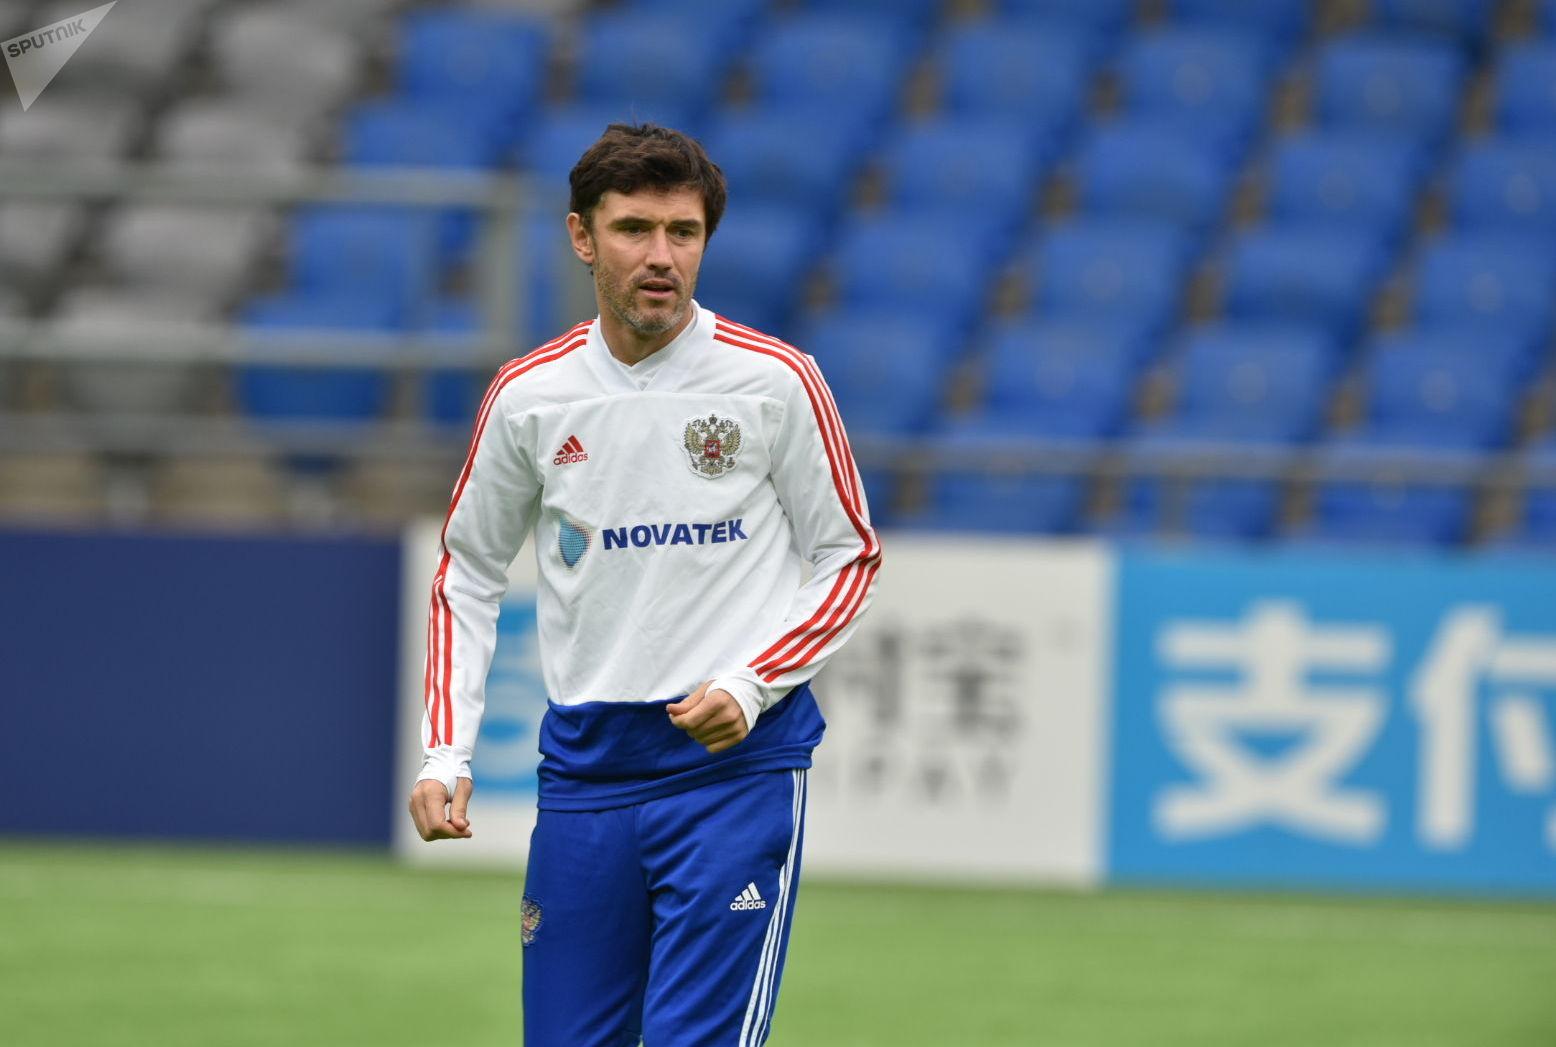 Игрок сборной России Юрий Жирков